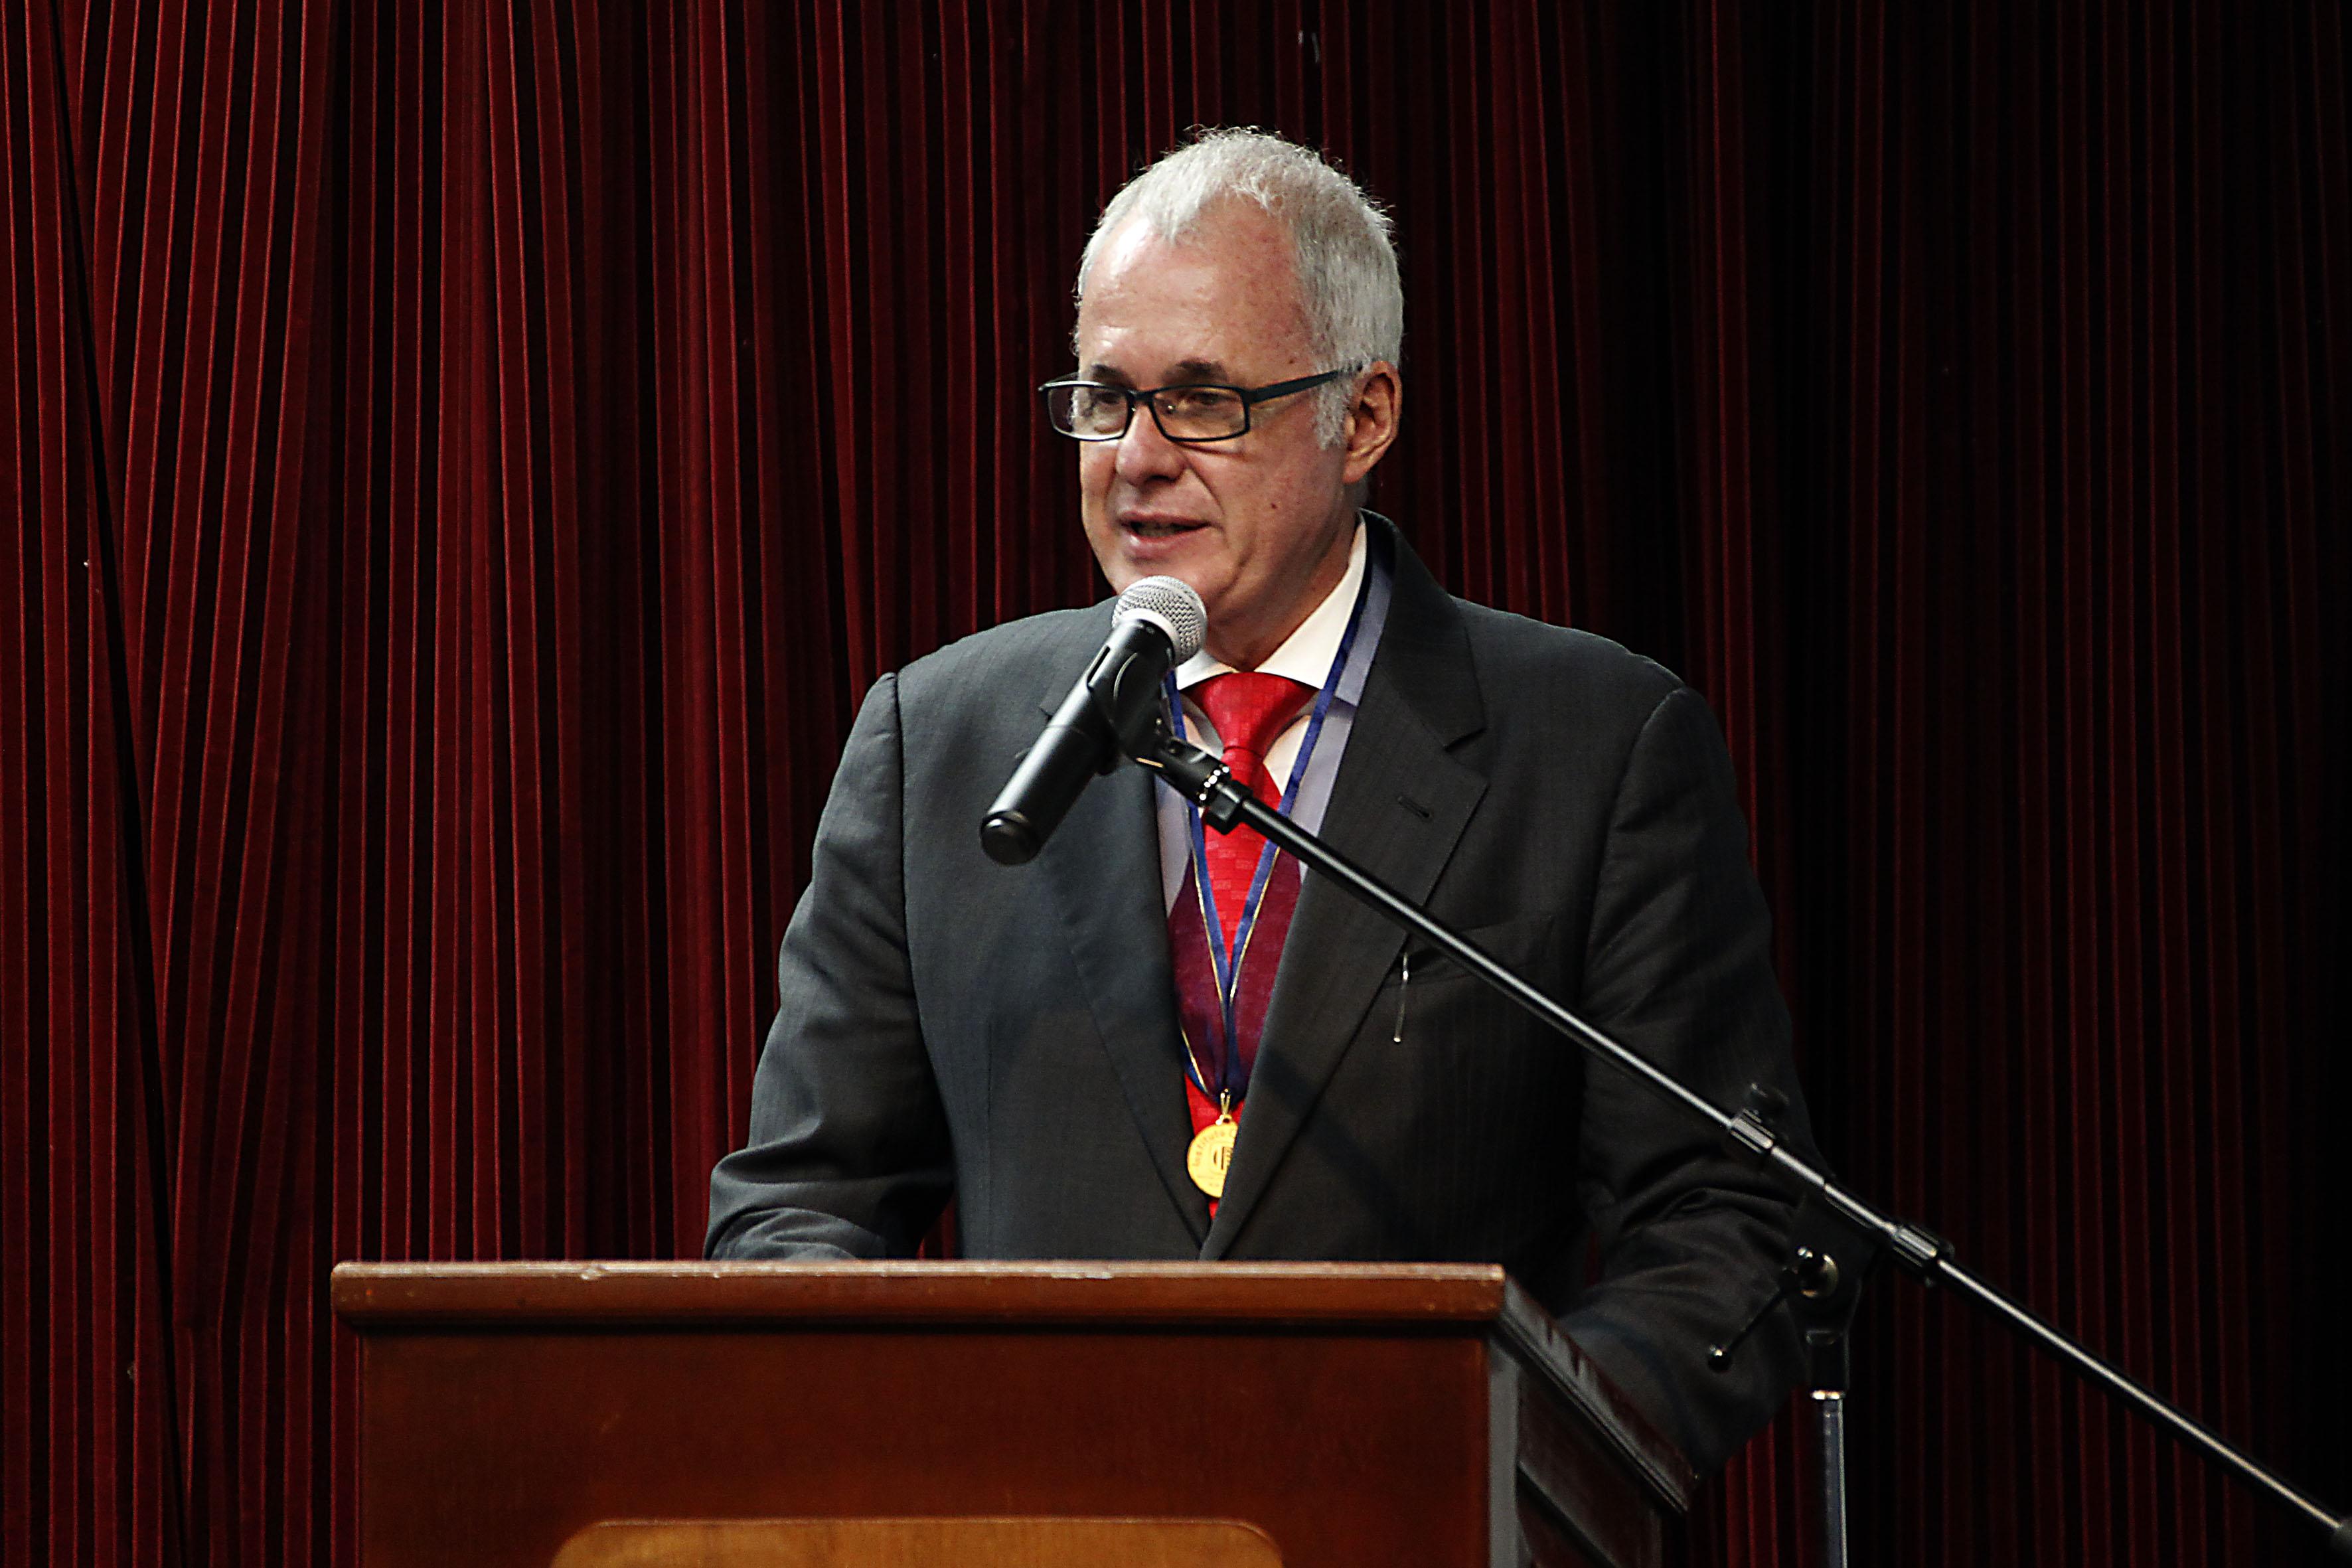 Licenciado Raúl Padilla López, presidente de la FIL Guadalajara y del Festival Internacional de Cine de Guadalajara (FICG), portando la Medalla al mérito educativo y cultural por parte del Instituto Cultural Mexicano Norteamericano de Jalisco, AC; y en presidium haciendo uso de la palabra.